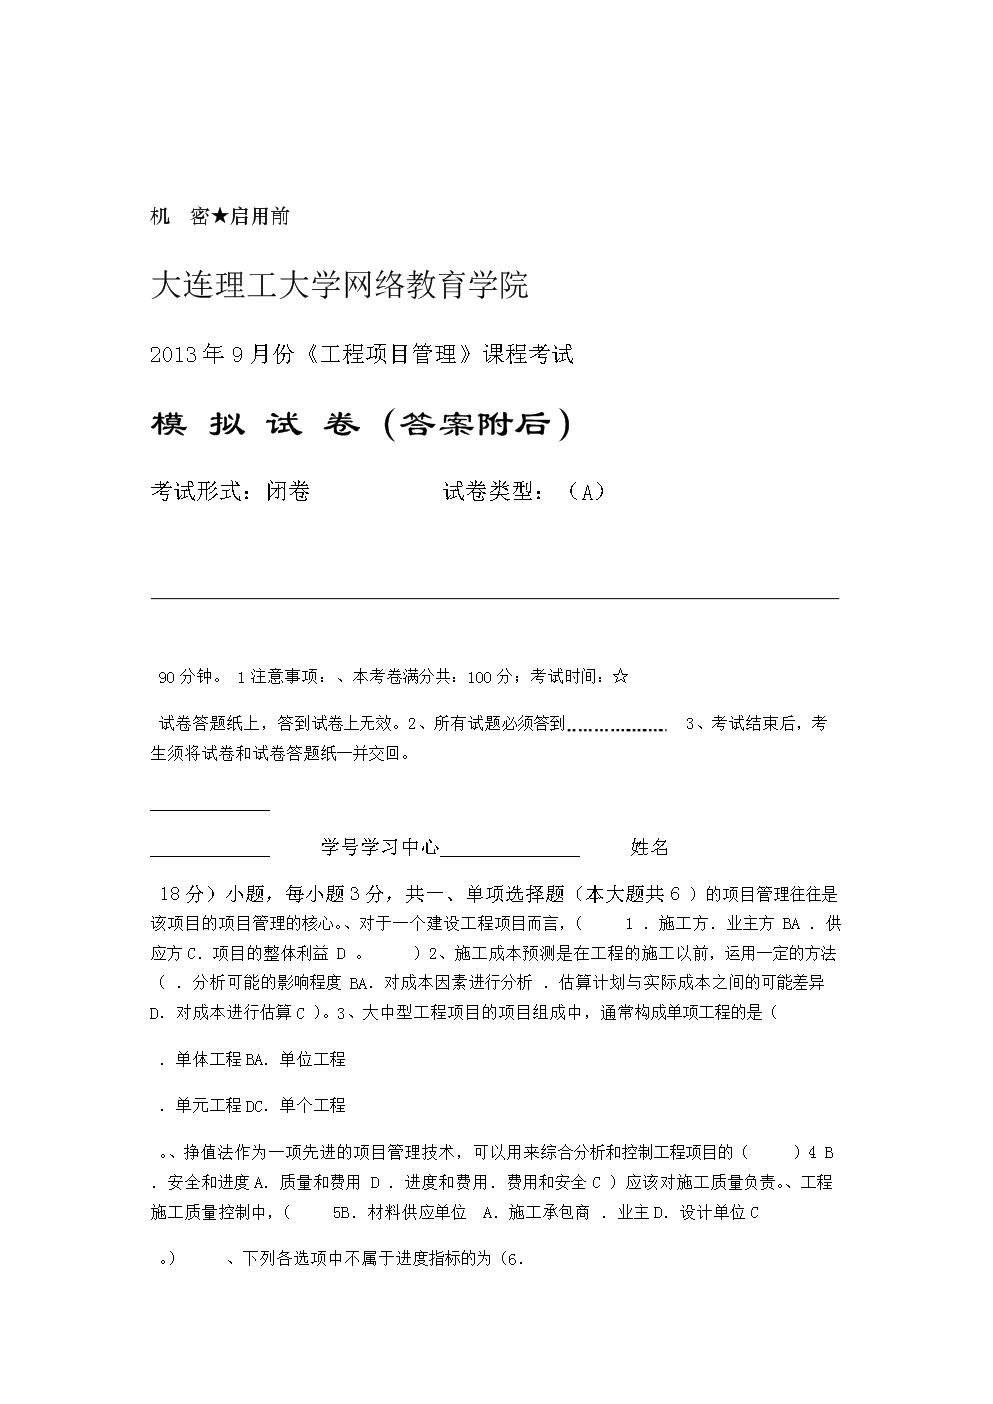 大工秋工程项目管理课程考试模拟试卷a答案教学文稿.doc